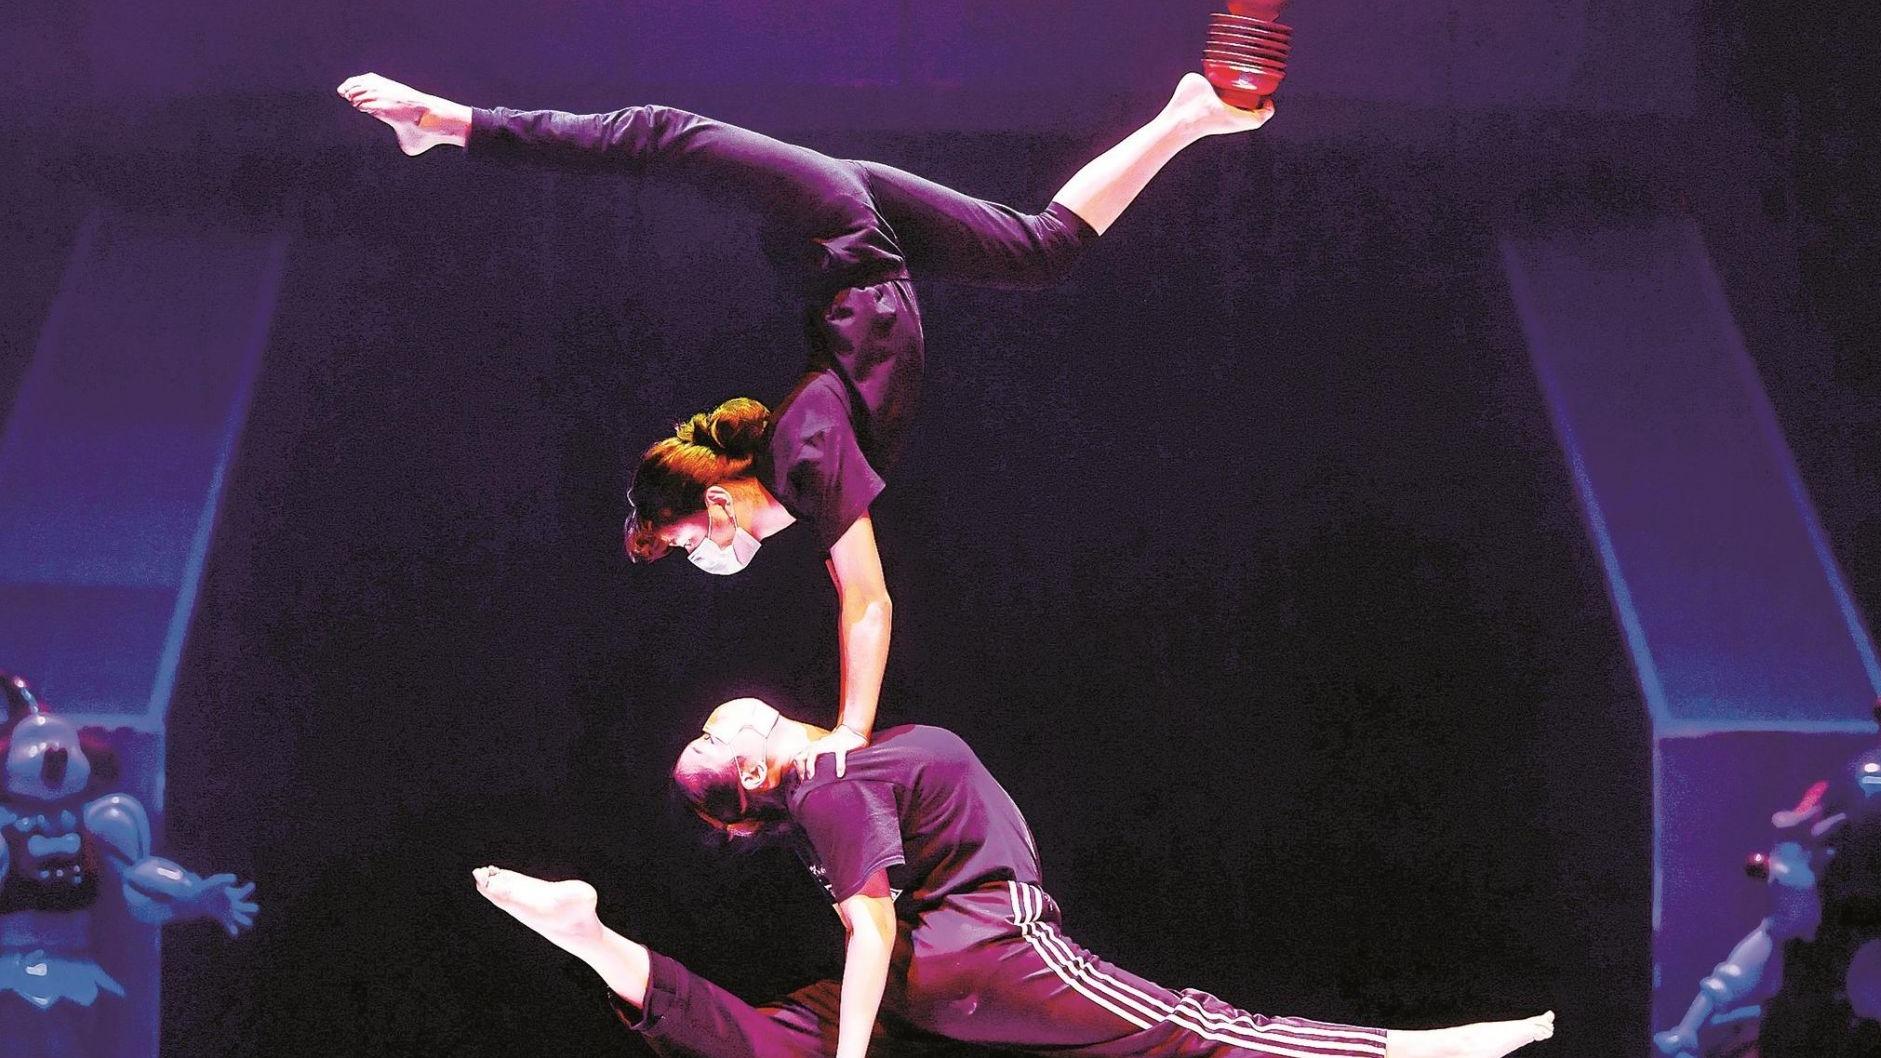 武汉杂技团4个月来首度彩排 ,舞台上跳跃着 戴口罩的精灵